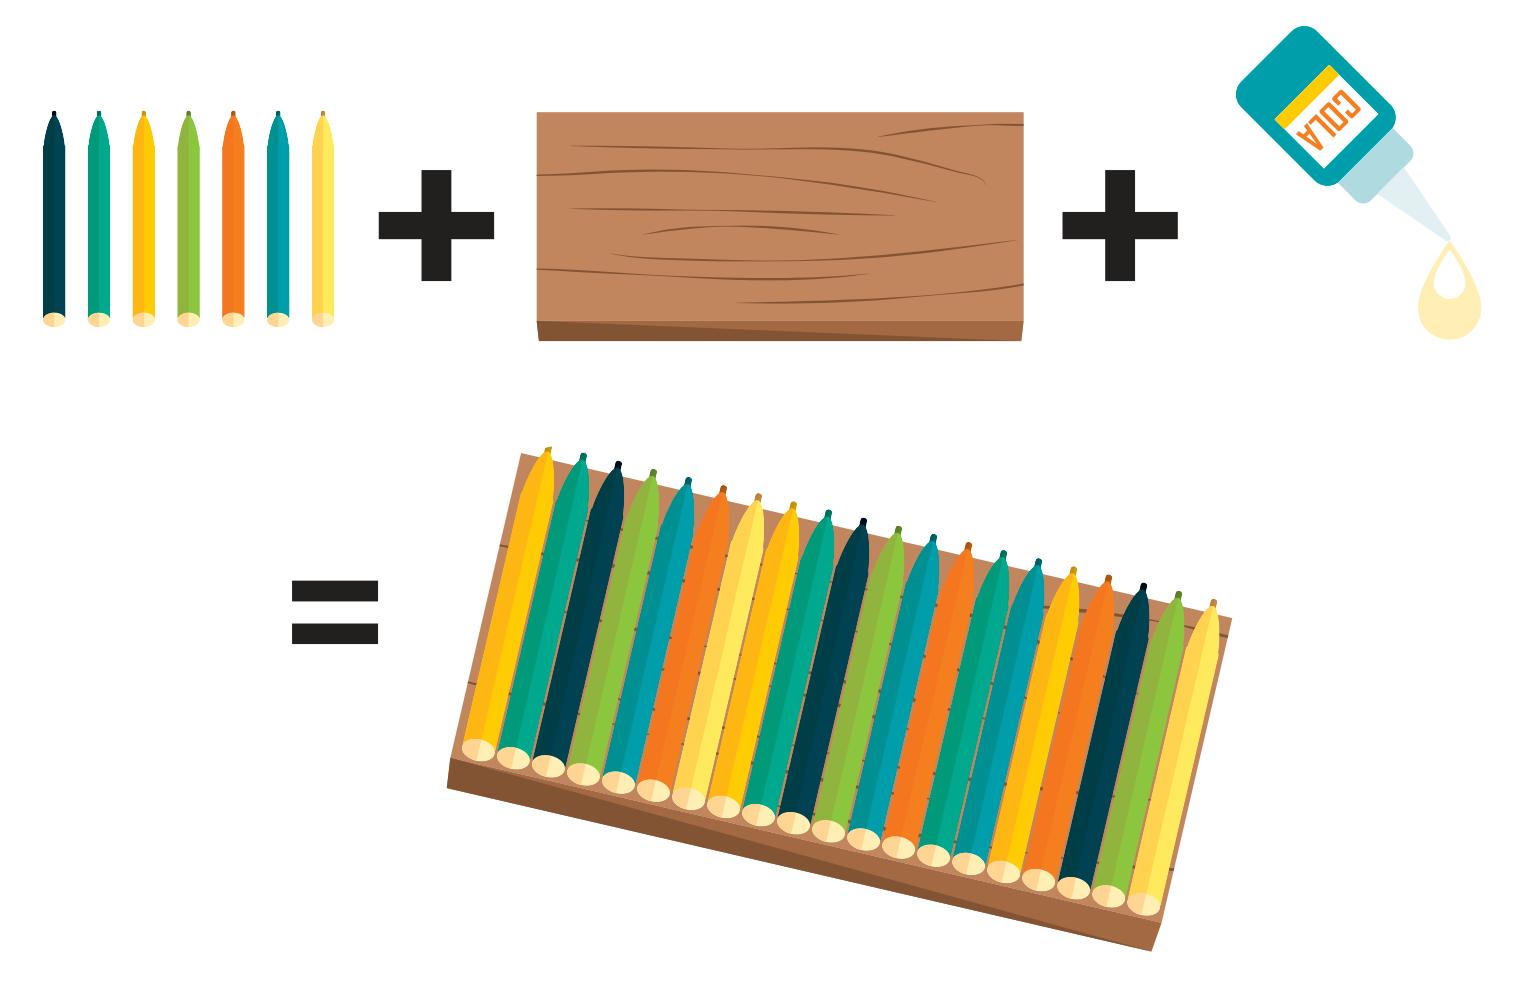 ilustração dos materiais necessários para a confecção do reco-reco, sendo lápis colorido, tábua de madeira e cola, seguida de imagem ilustrando o instrumento montado.